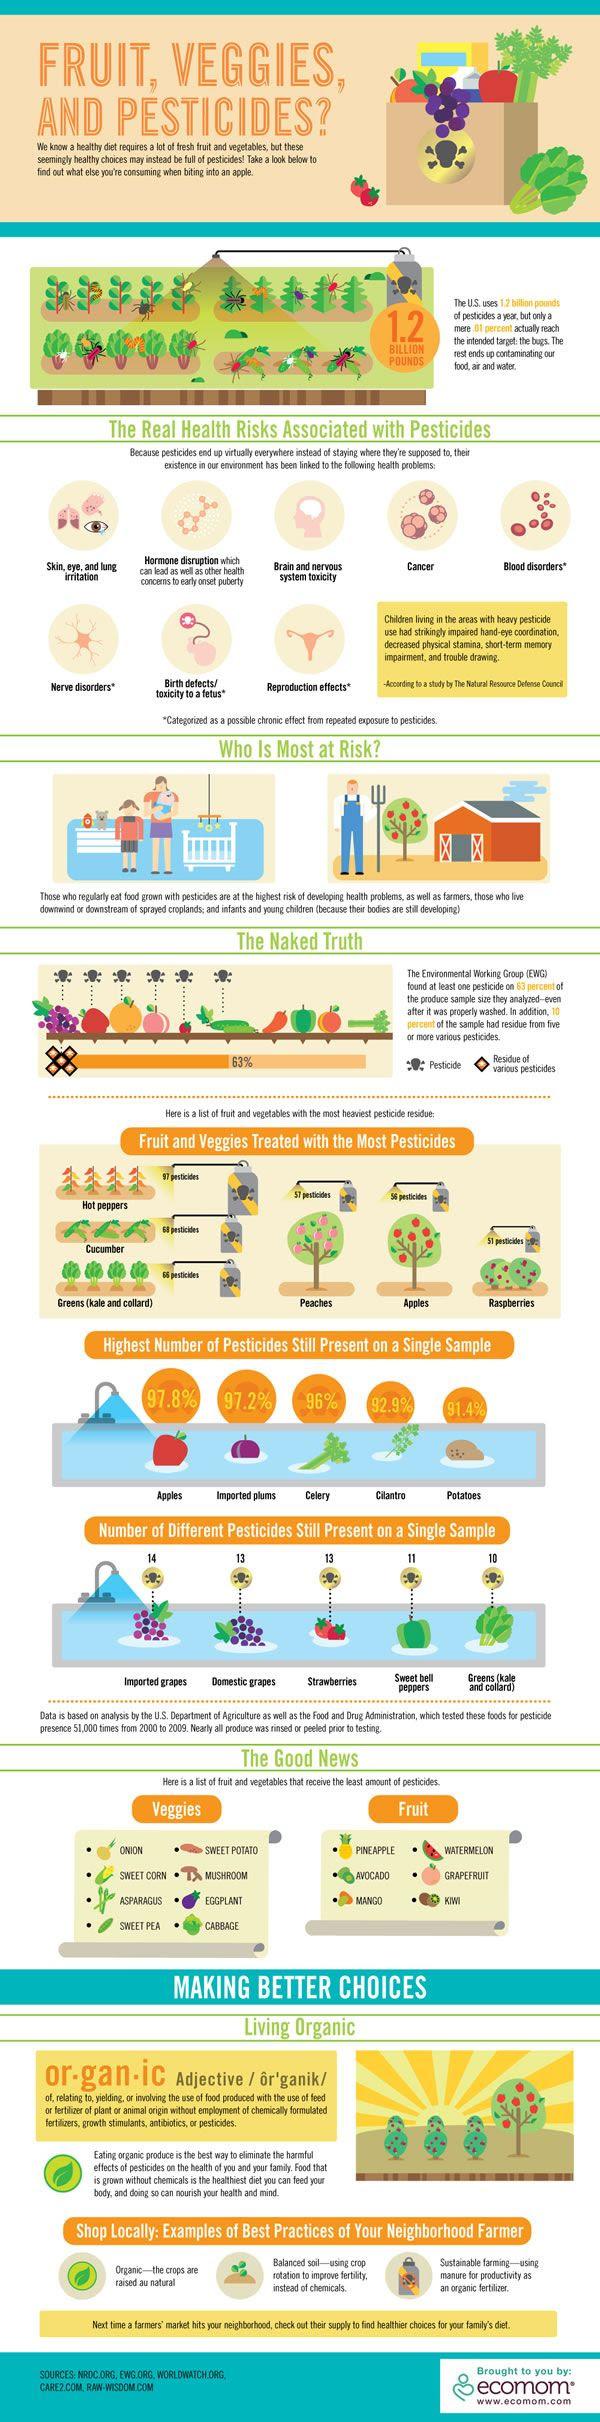 Fruits, Veggies, and Pesticide